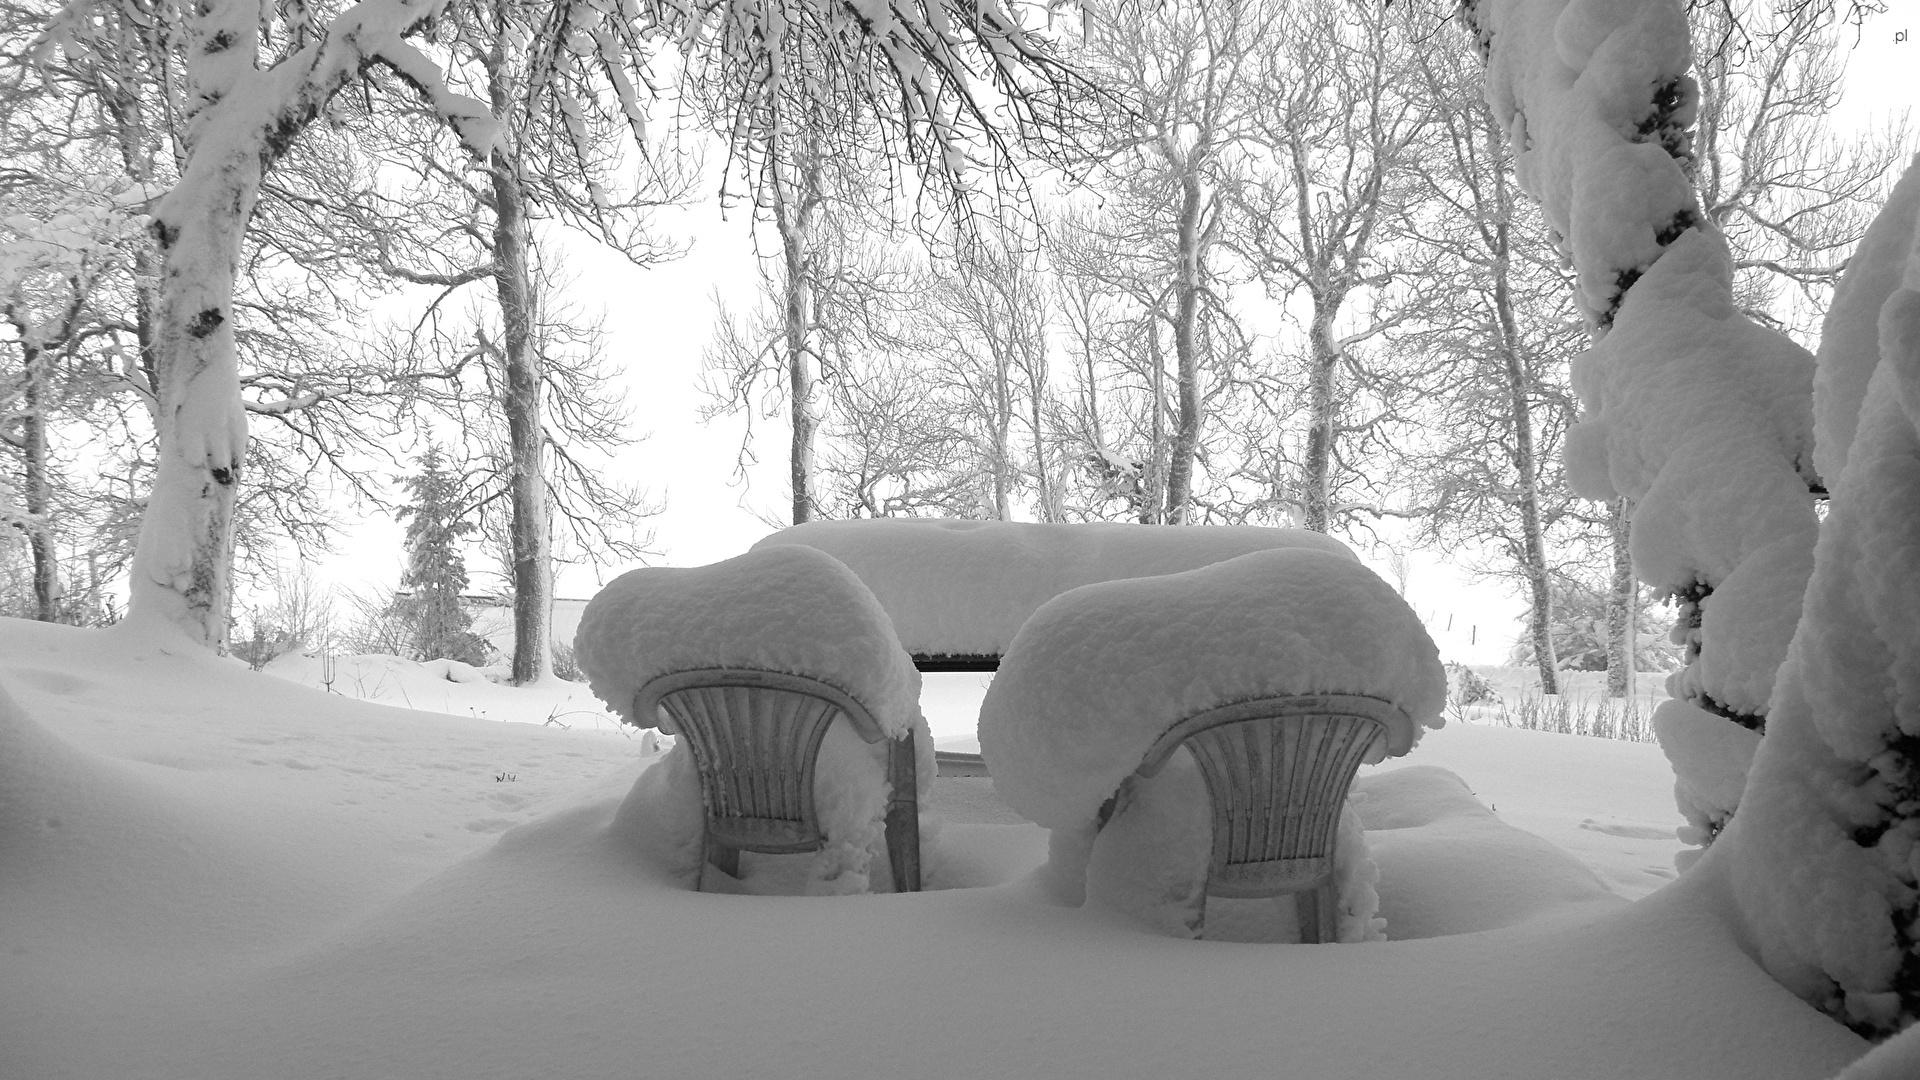 Drzewa, Krzesła, Śnieg, Zima, Zaśnieżone